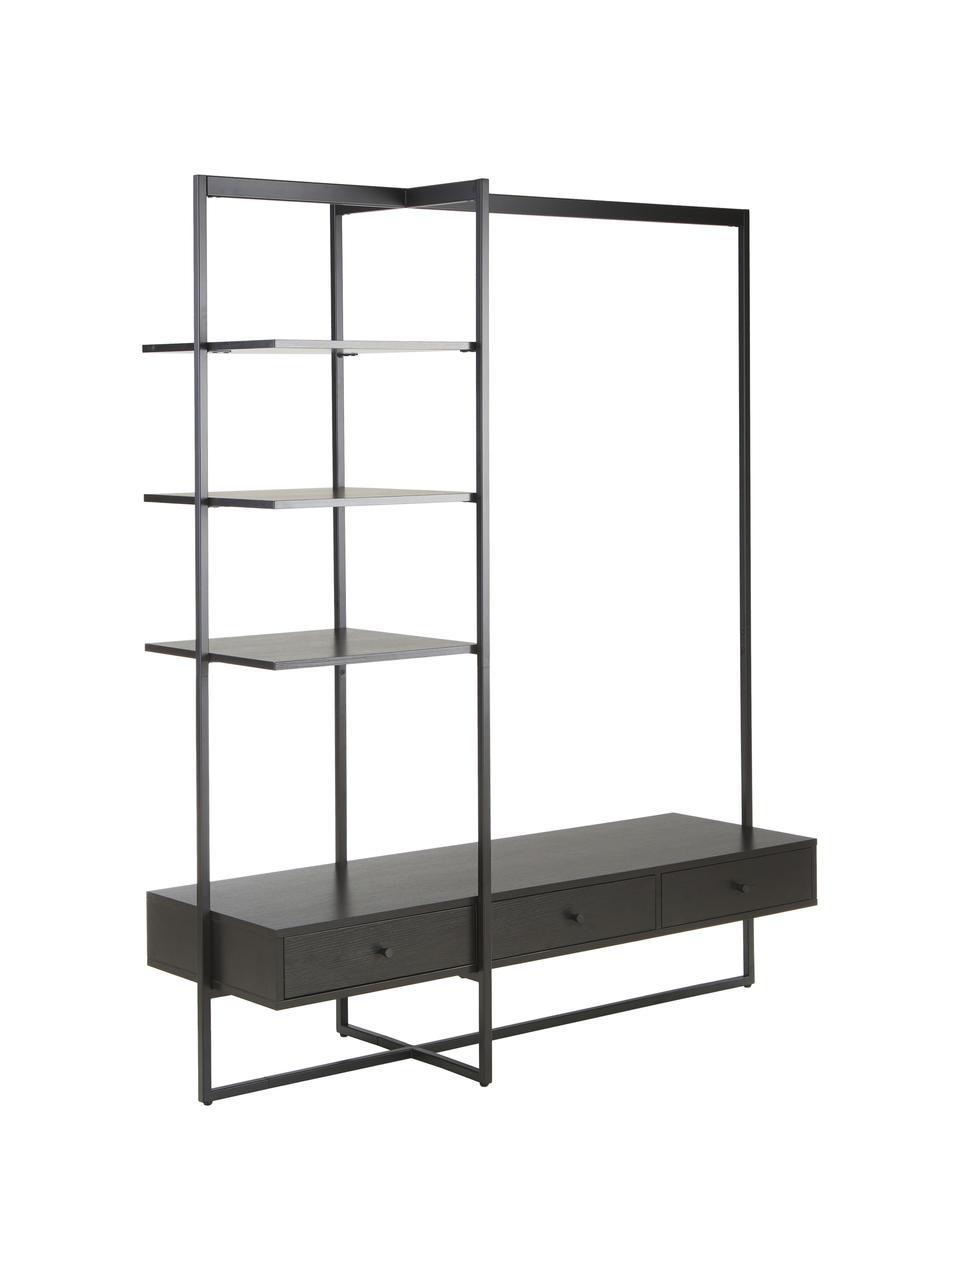 Open kledingkast Pacey in zwart, Frame: gepoedercoat metaal, Zwart, 150 x 180 cm